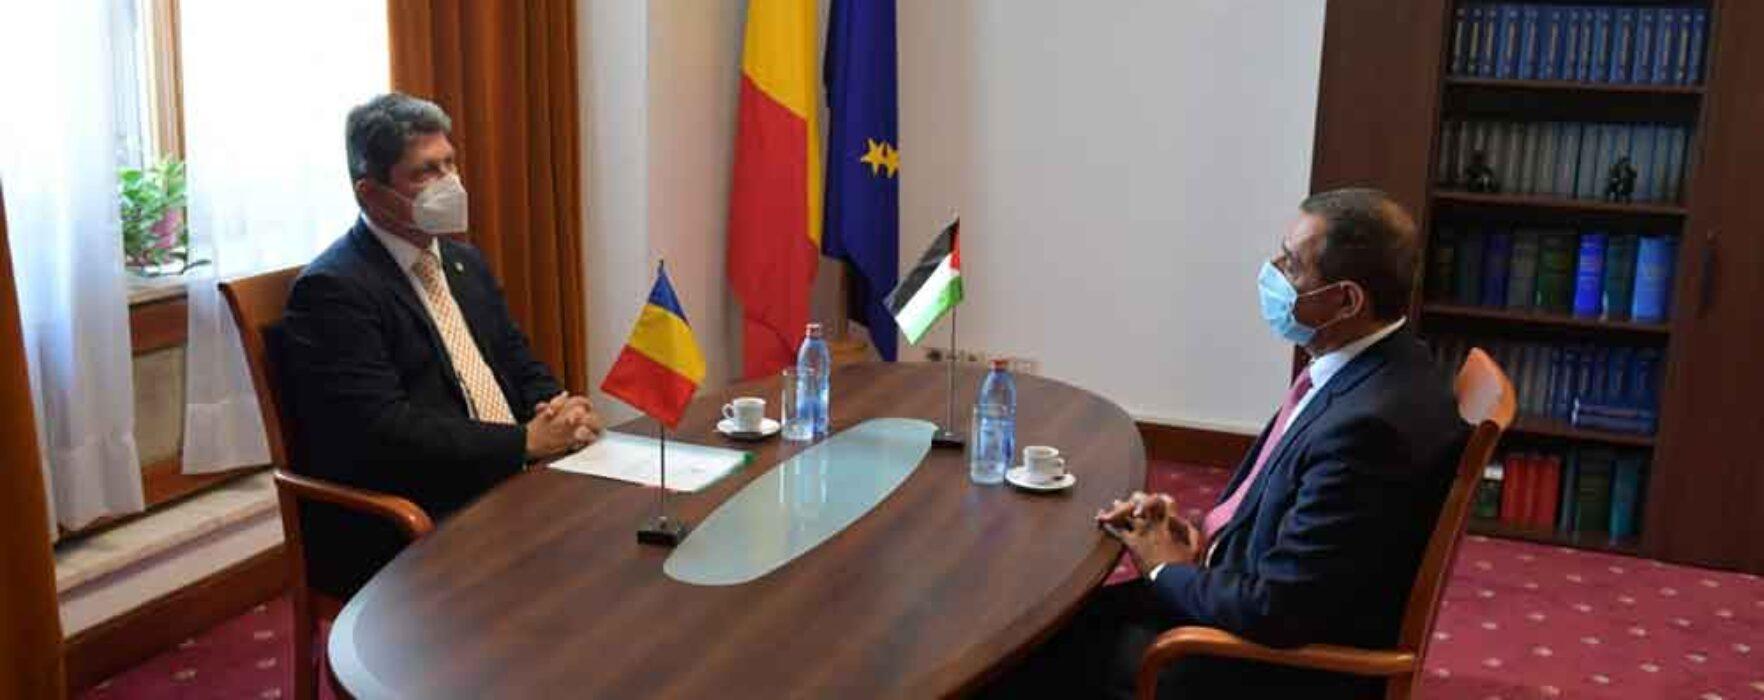 Senatorul Titus Corlățean, întrevedere cu ambasadorul Palestinei la București